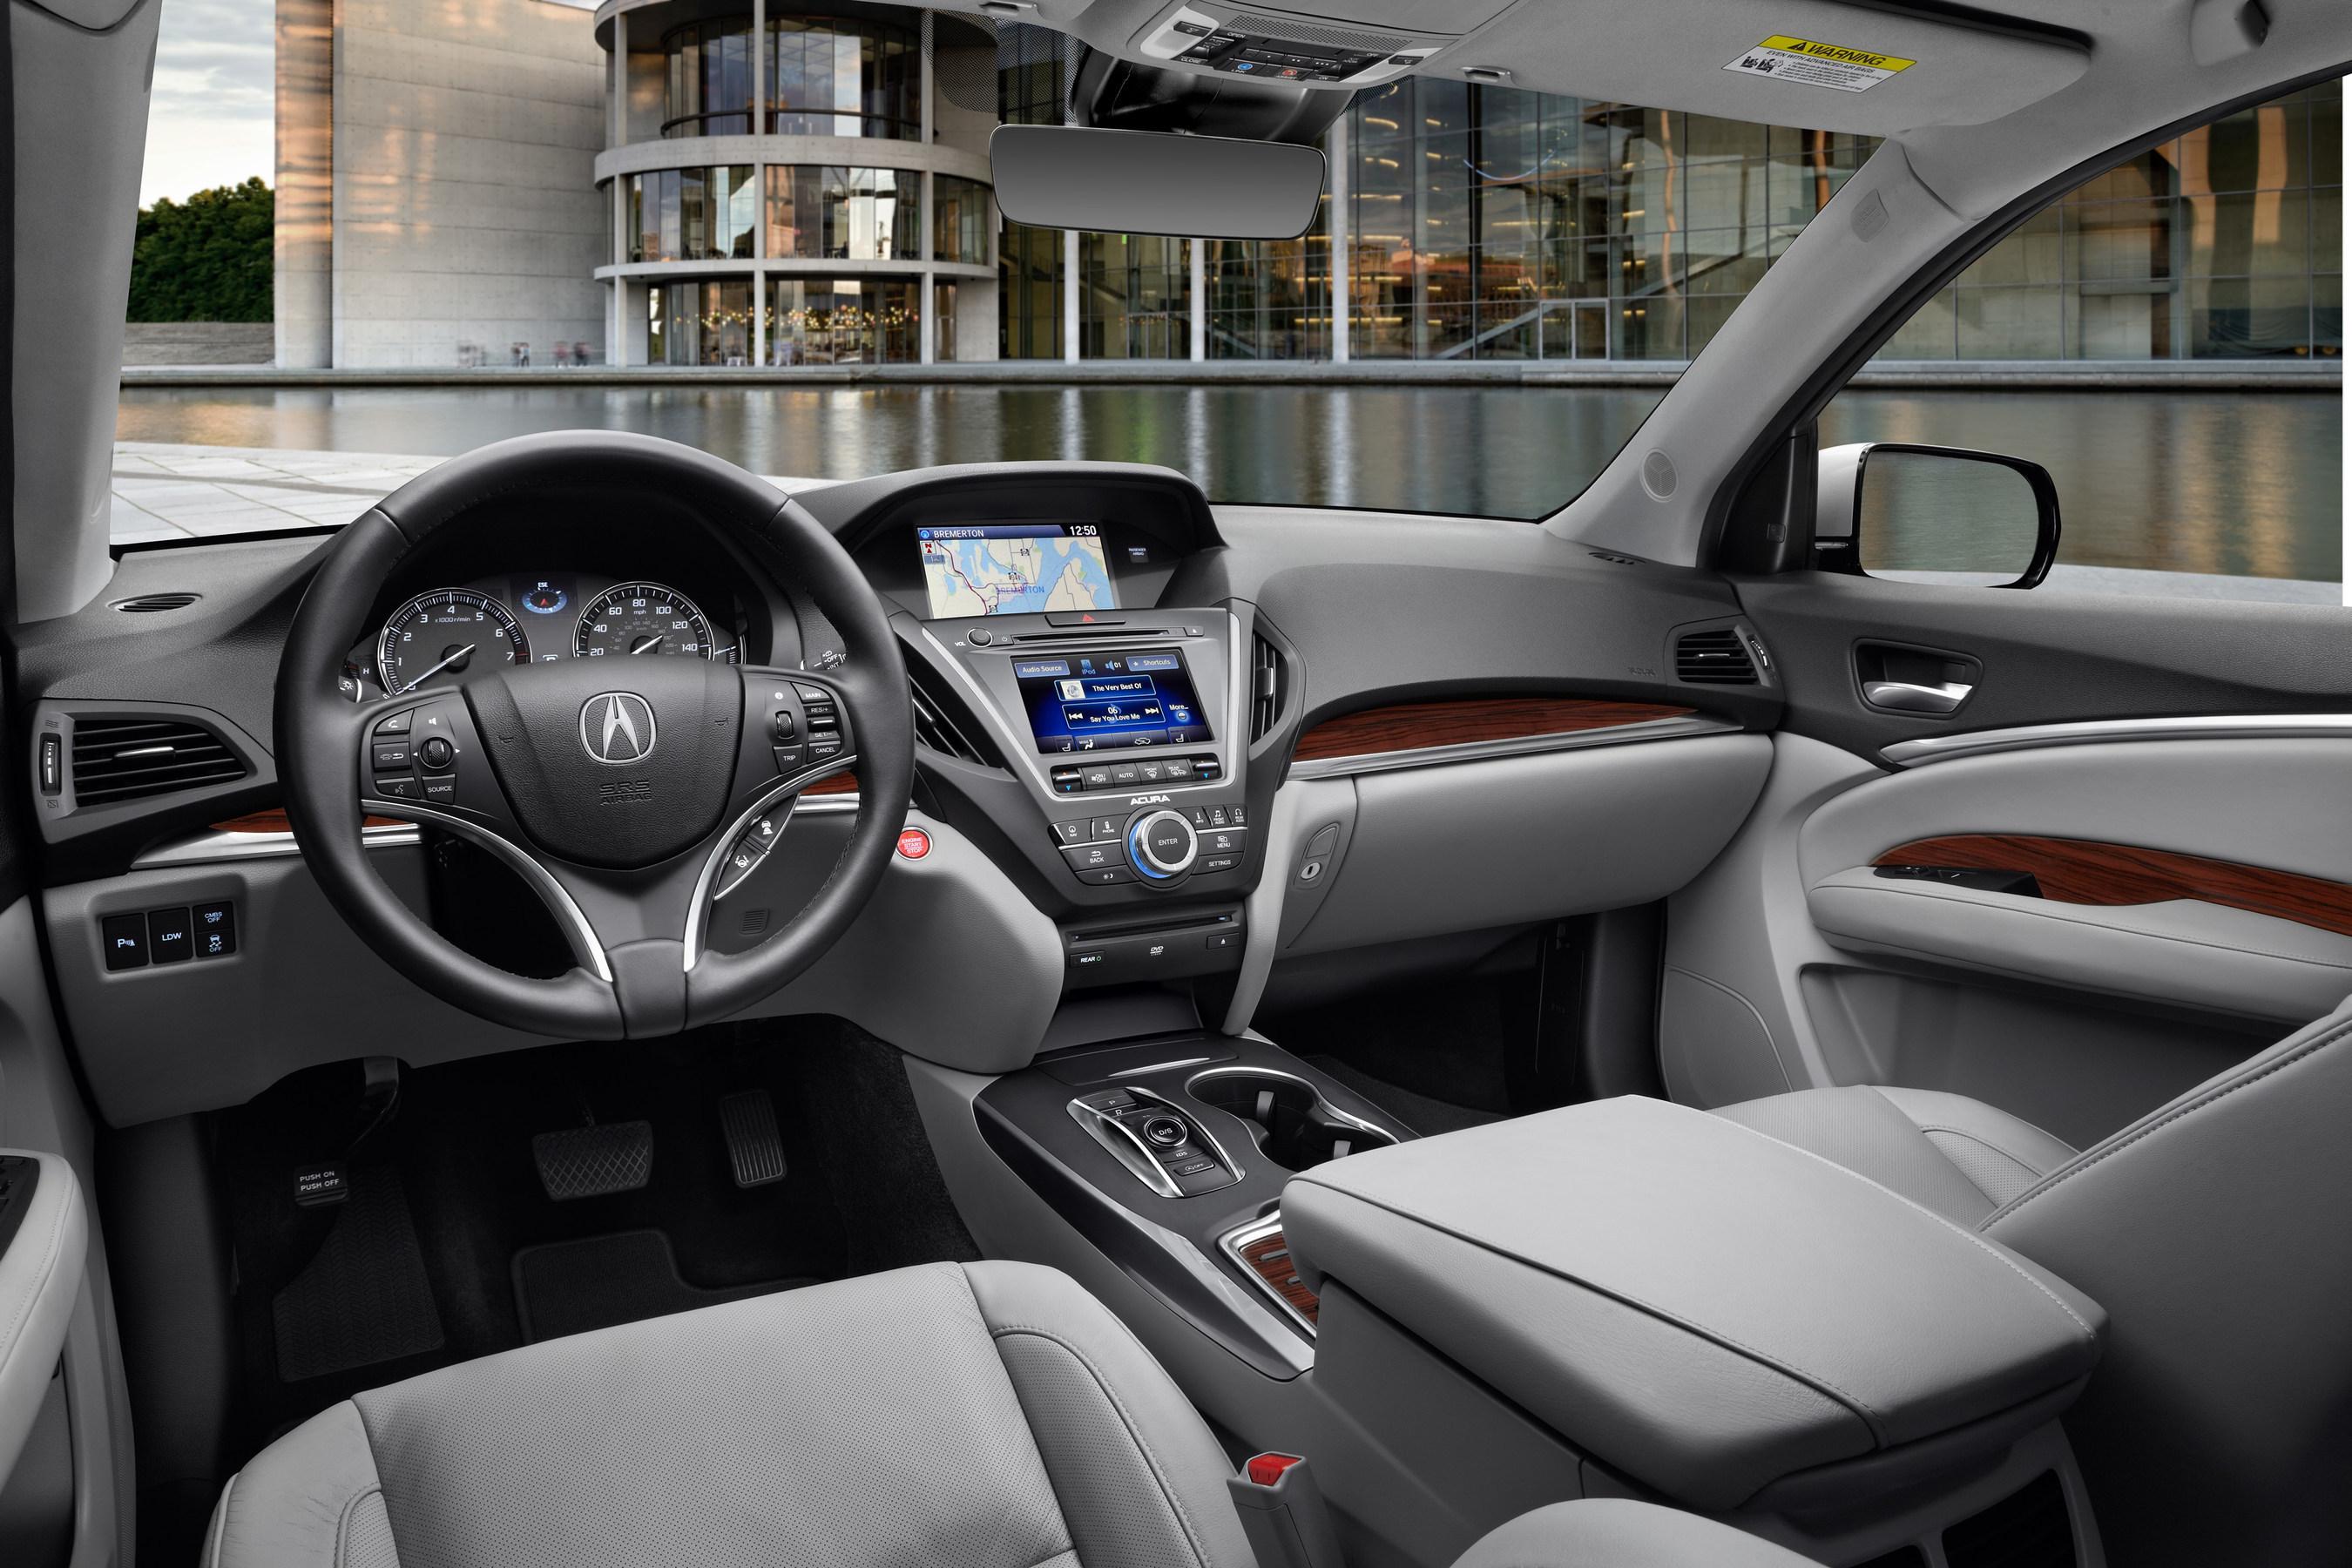 El Acura Mdx 2016 Se Lanza En Los Concesionarios De Todo País 4 Febrero A Un Precio Minorista Sugerido Por Fabricante Msrp Partir